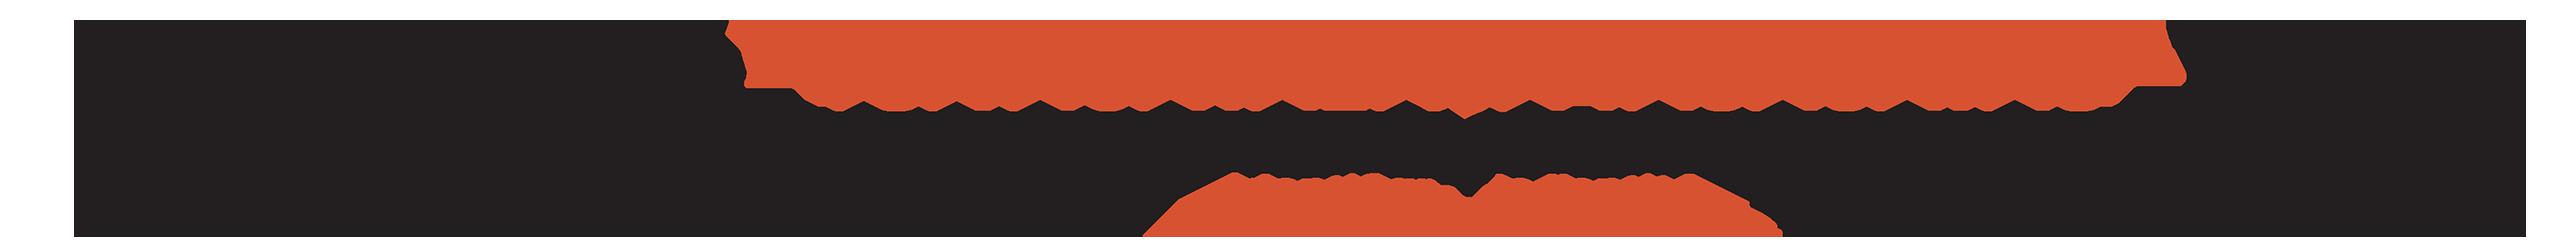 Numéro LEI est formé selon la norme ISO 17442